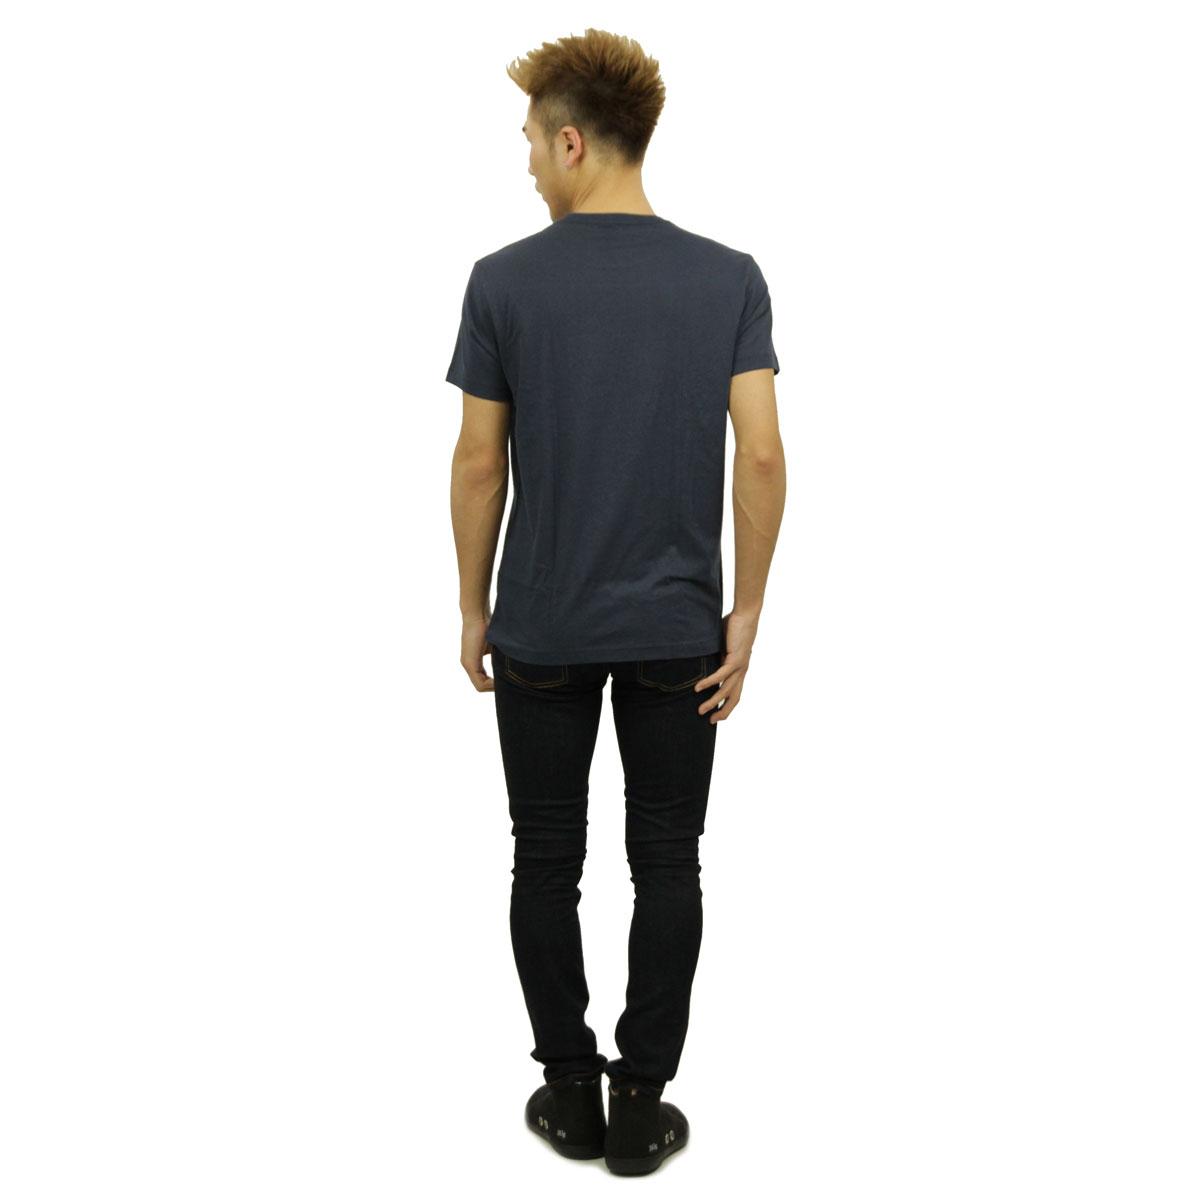 ヌーディージーンズ ジーンズ メンズ 正規販売店 Nudie Jeans ジーパン スキニーリン SKINNY LIN JEANS DRY DEEP ORANGE 576 1120830 A62B B1C C2D D1E E06F ホワイトデー 2021 ラッピング無料